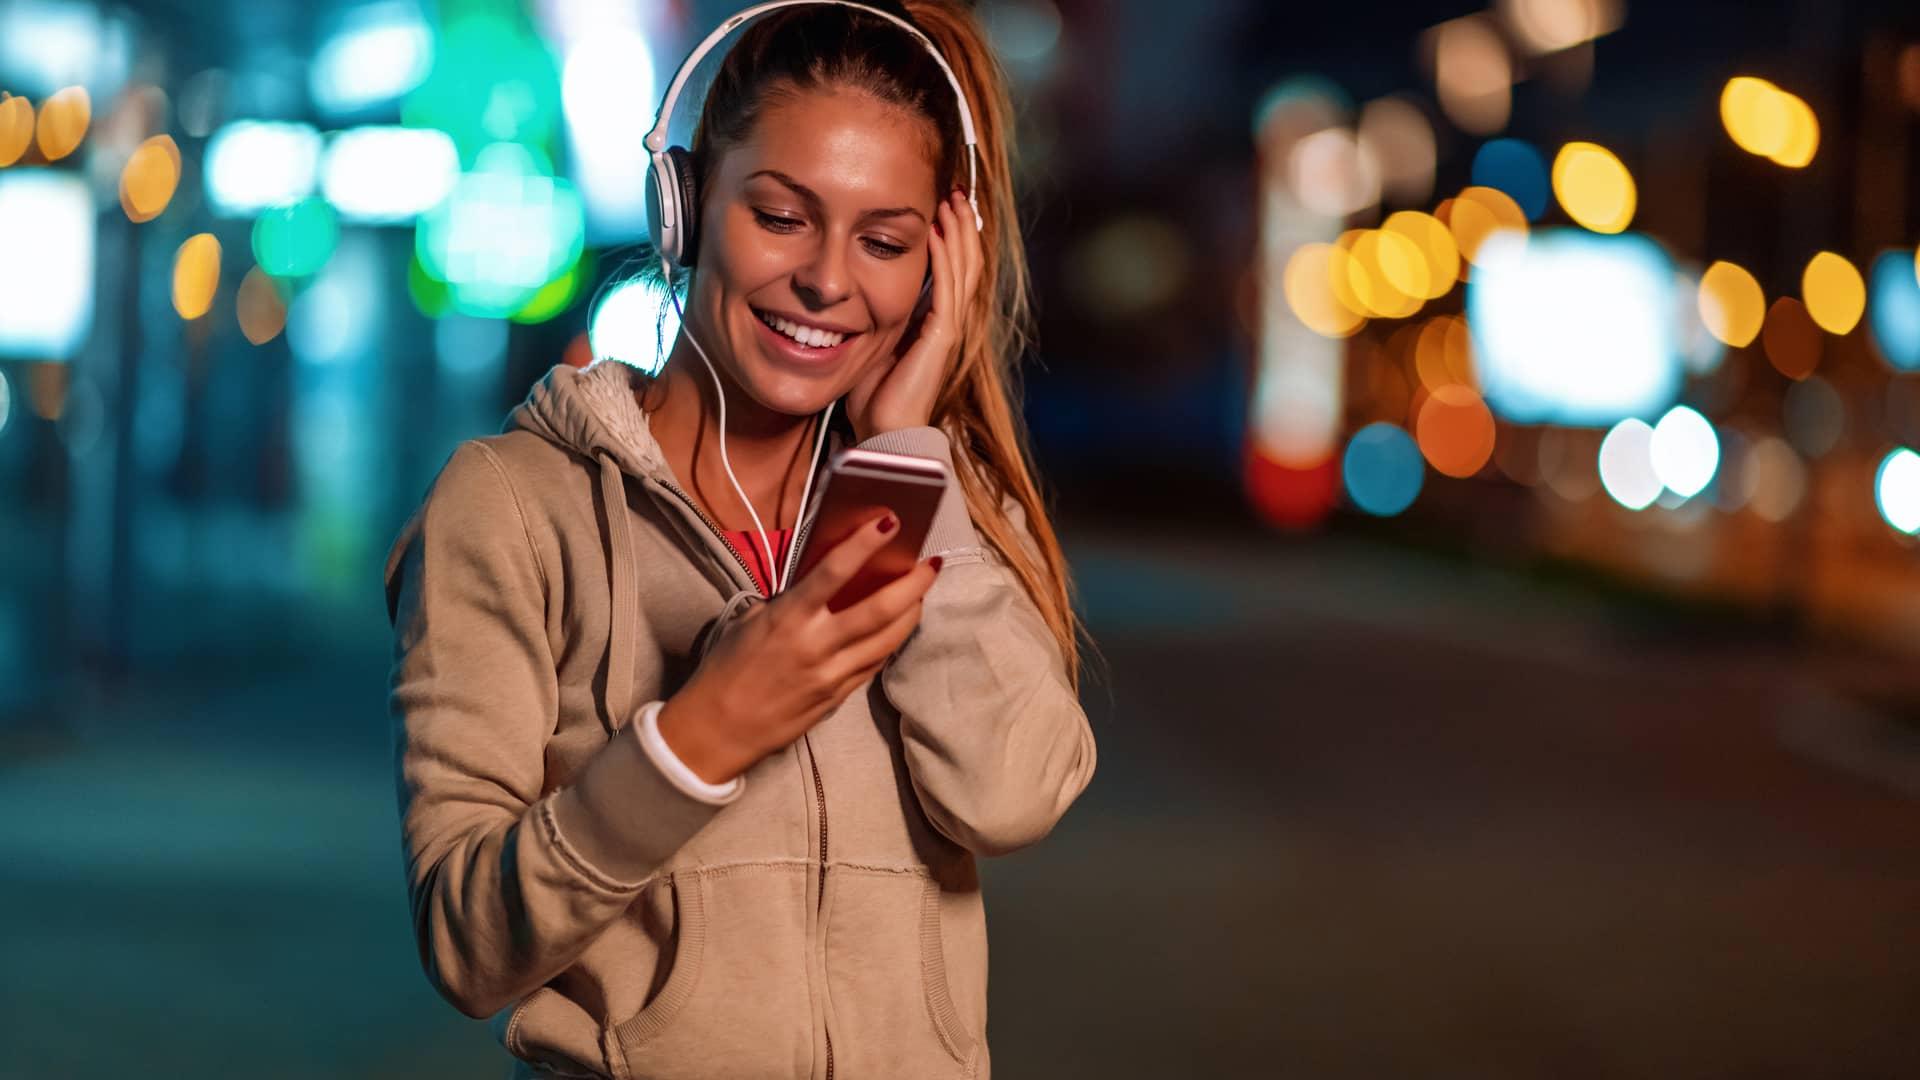 Mujer practicando deporte mientras escucha música con su teléfono gracias a la mejor tarifa